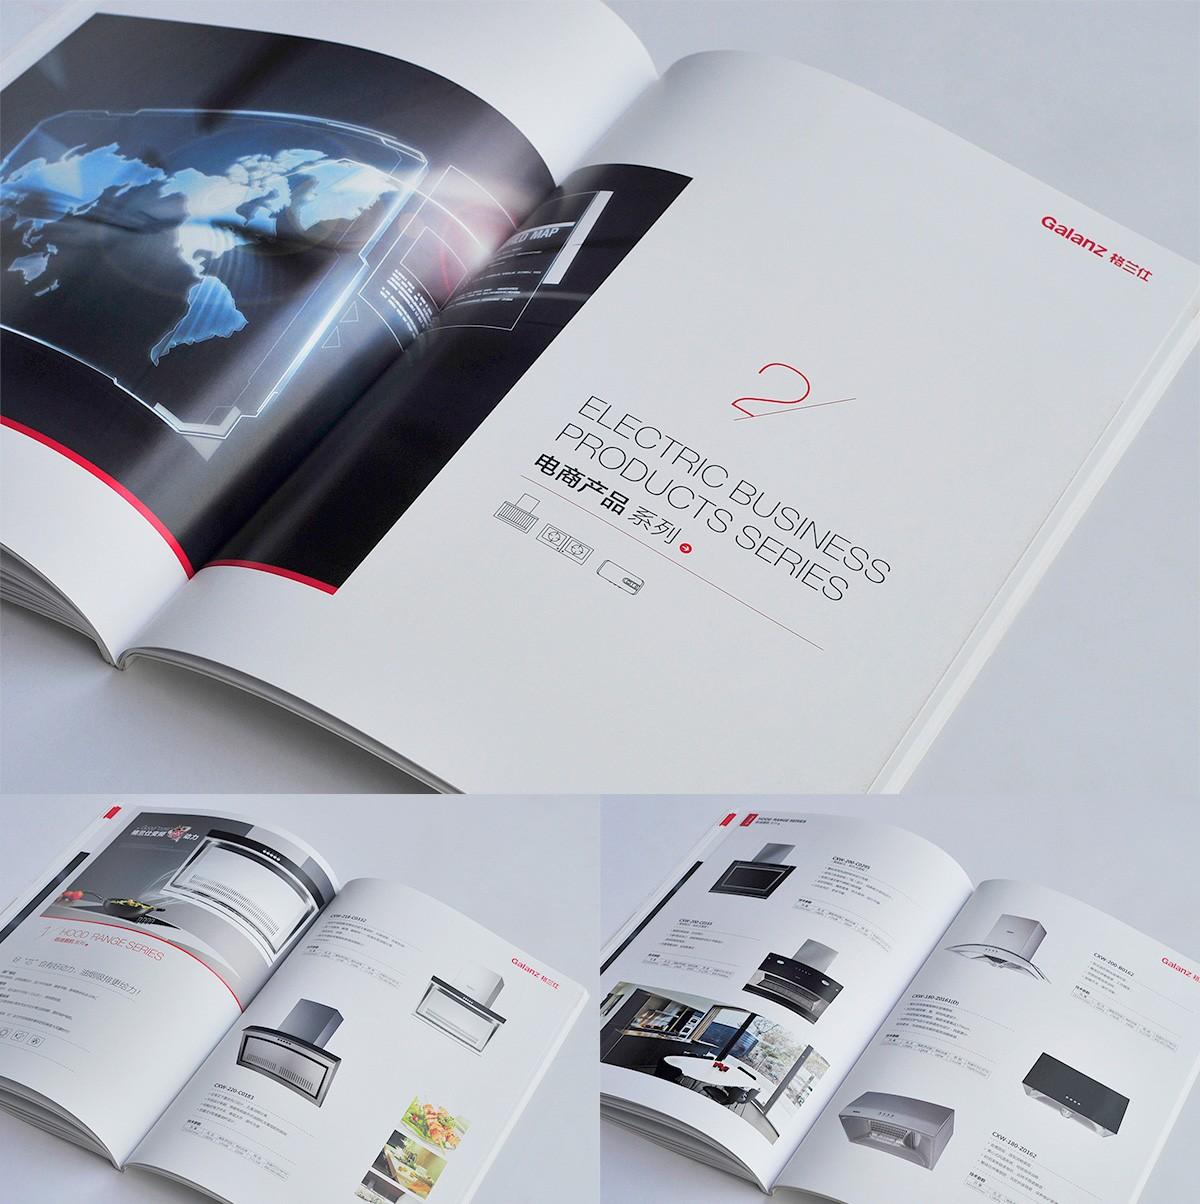 格蘭仕品牌宣傳畫冊設計/包裝設計效果圖5